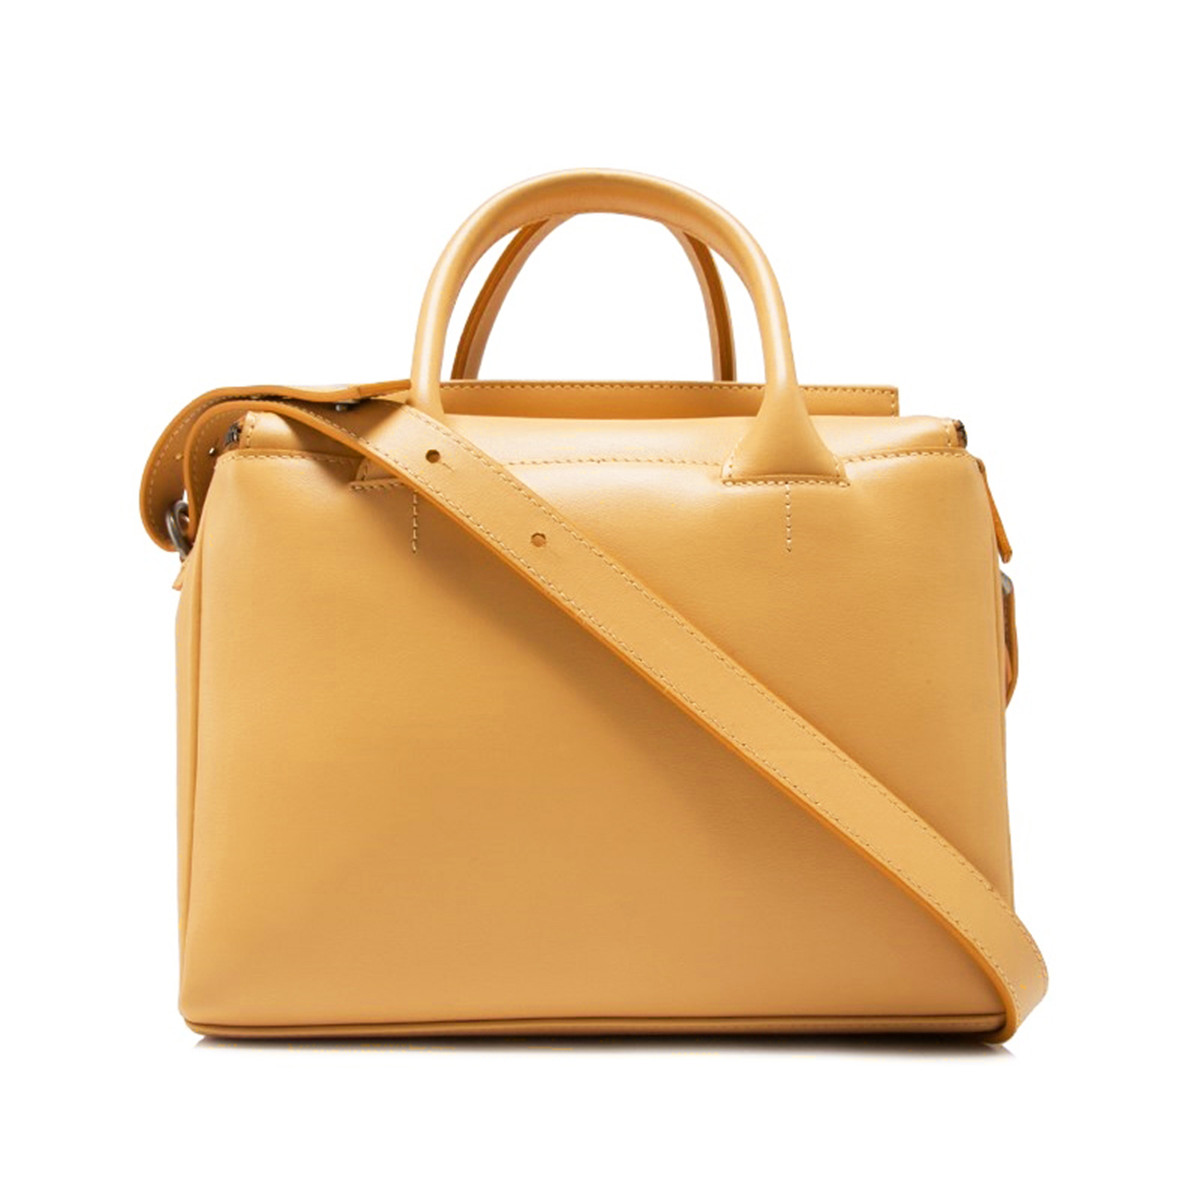 Feminine Bolsa Schwarz Hand Tasche Große Kapazität Frauen Handtasche Weibliche Organisieren Tasche Leder Multifunktions Schulter Crossbody tasche-in Schultertaschen aus Gepäck & Taschen bei  Gruppe 3